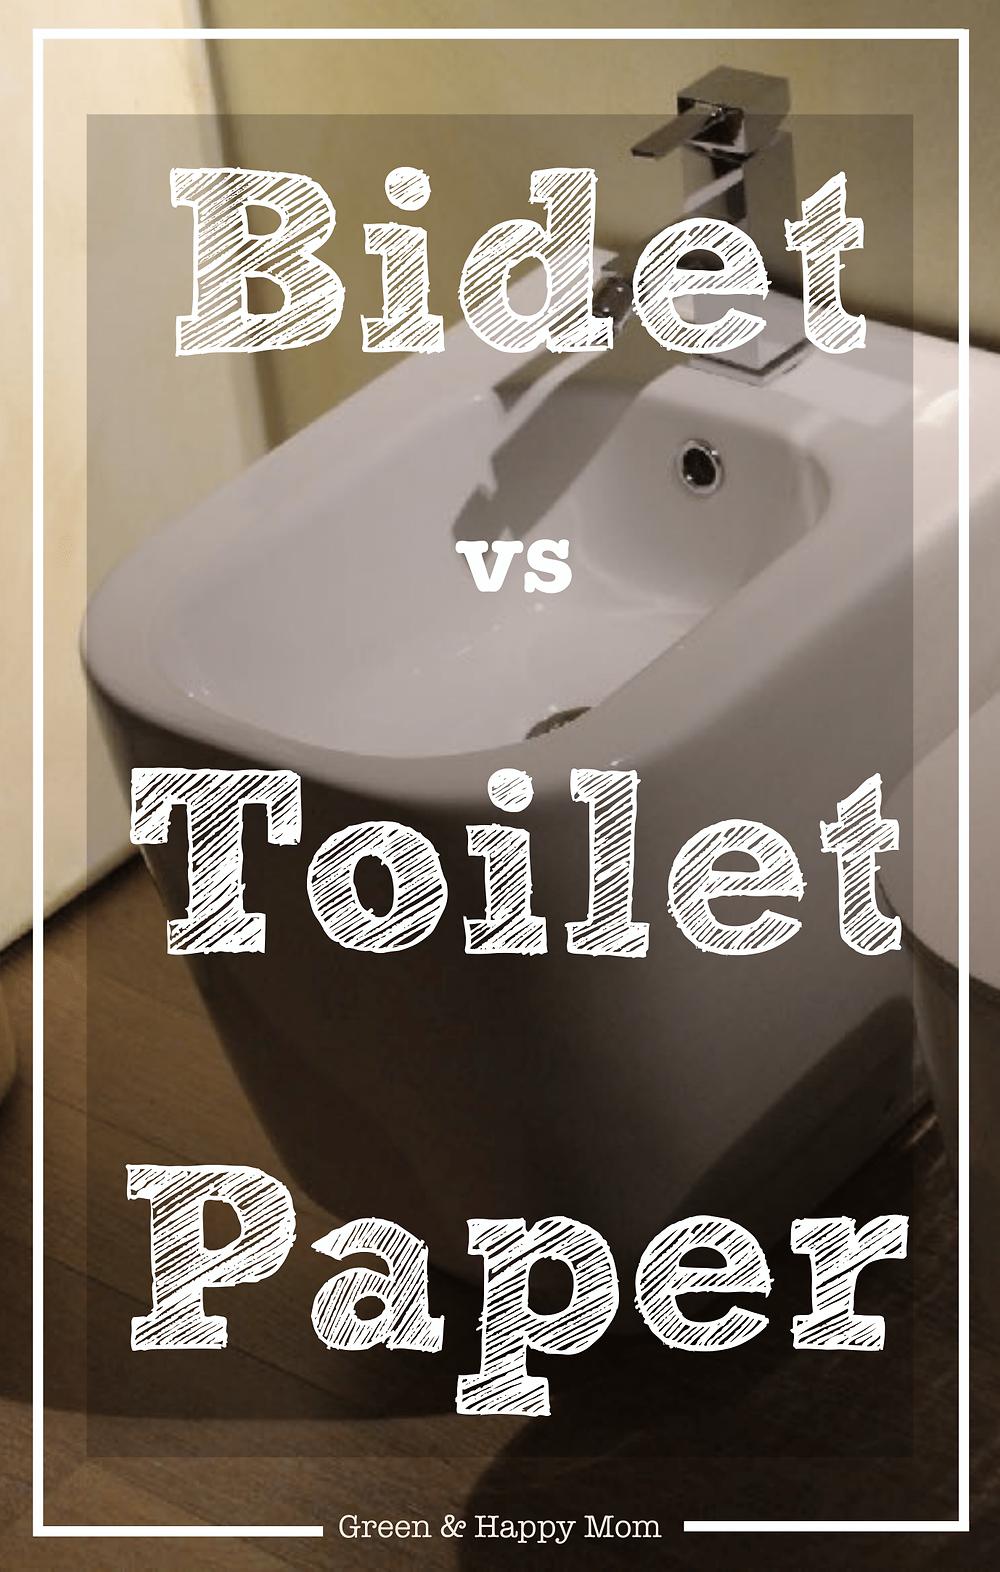 Bidet vs toilet paper